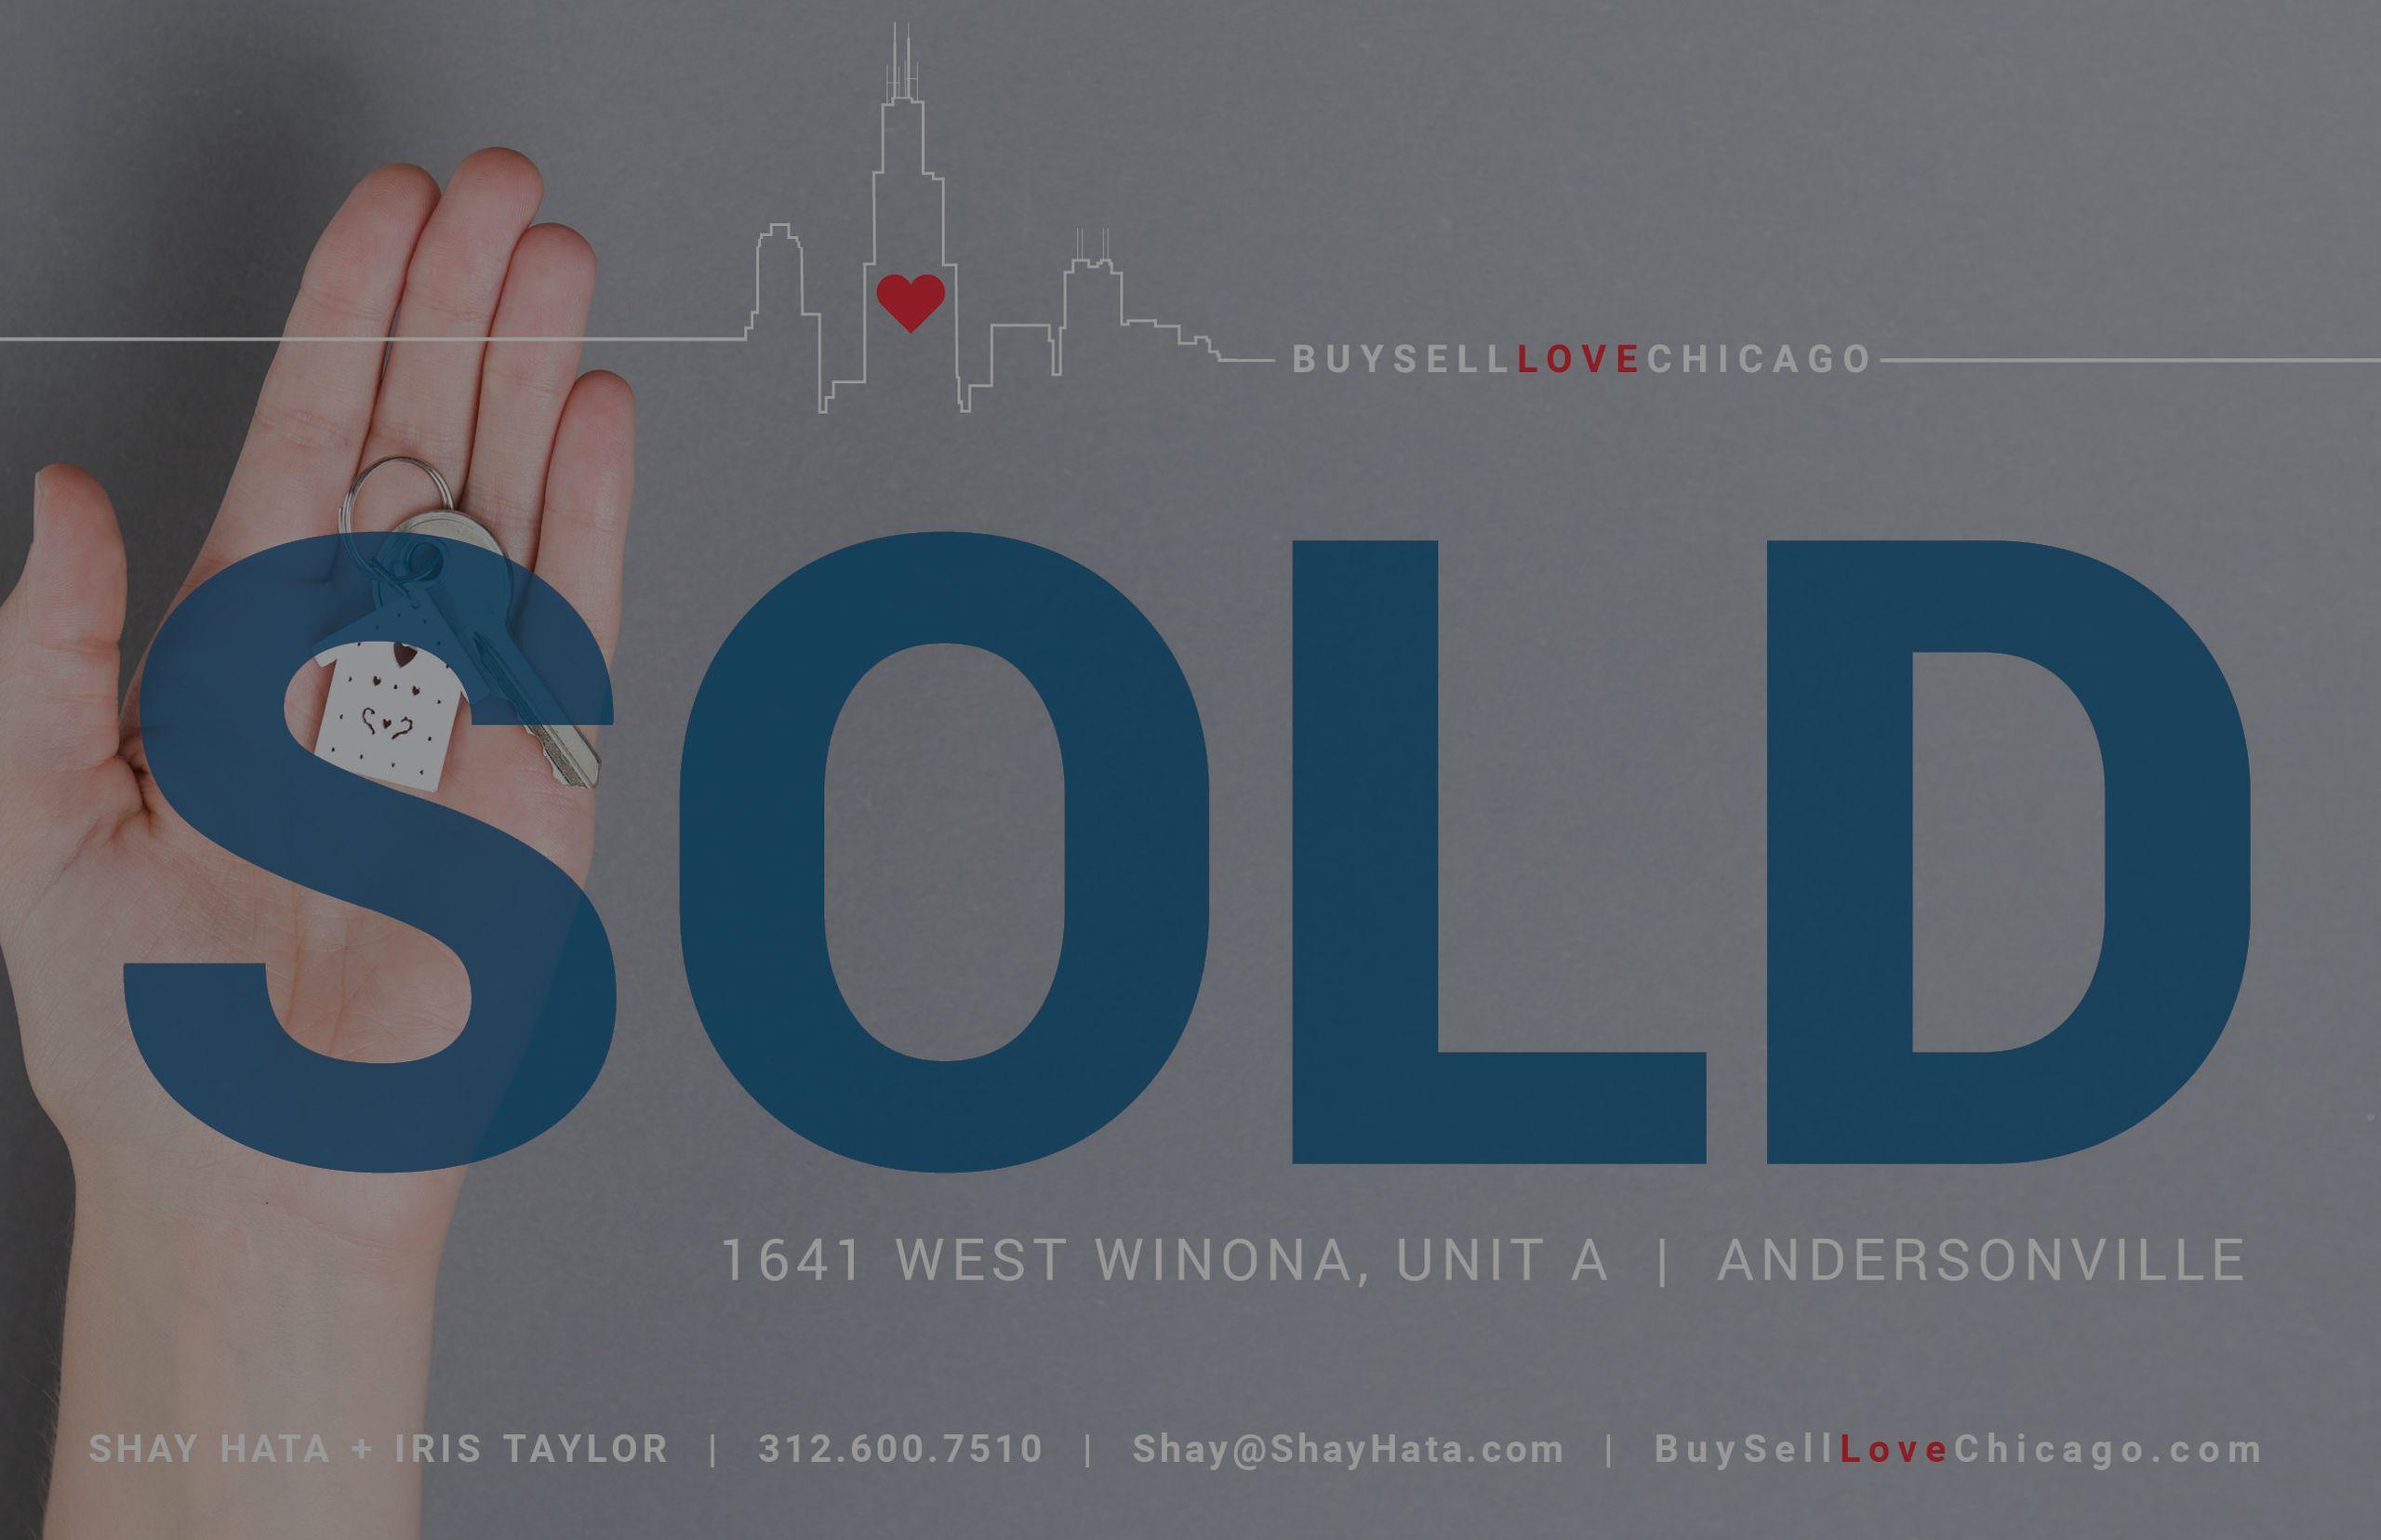 1641 W Winona St Unit A, Chicago, IL 60640